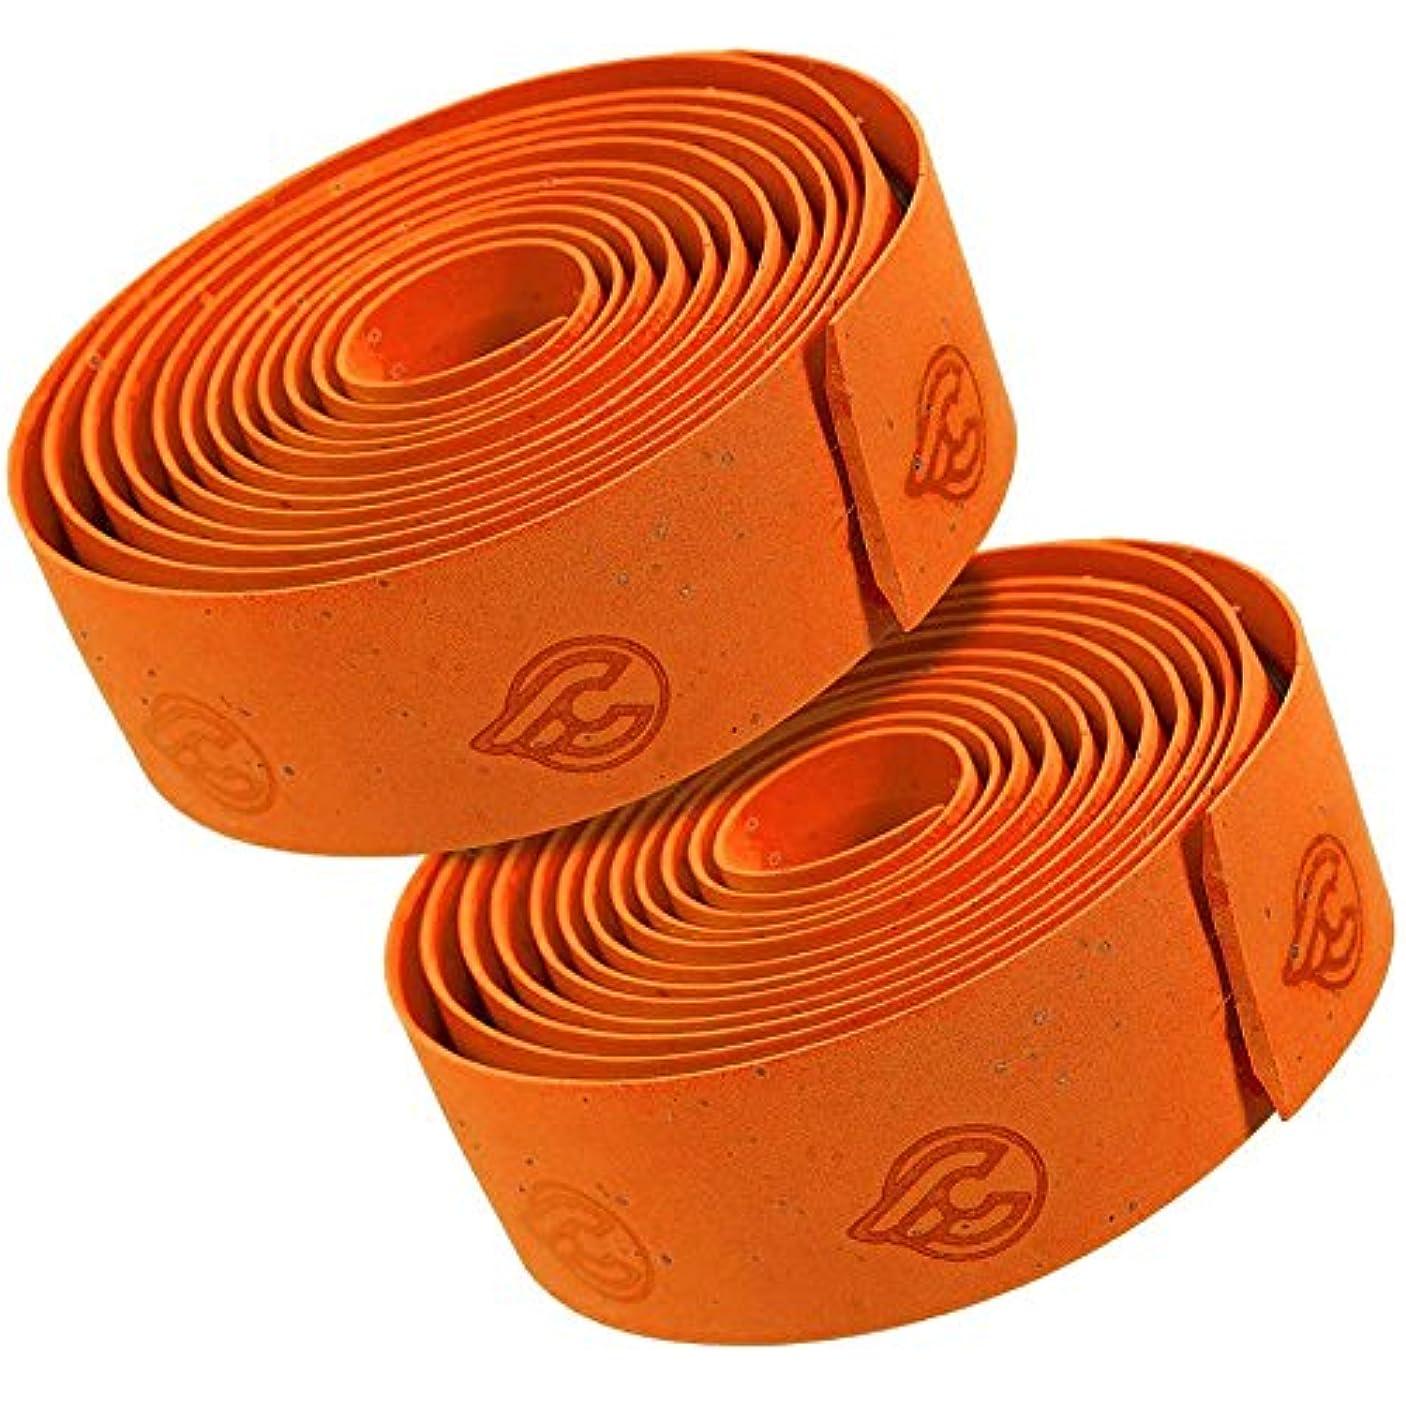 傷つける配送接触cinelli(チネリ) バーテープ コルクリボン  オレンジ 607014-000005